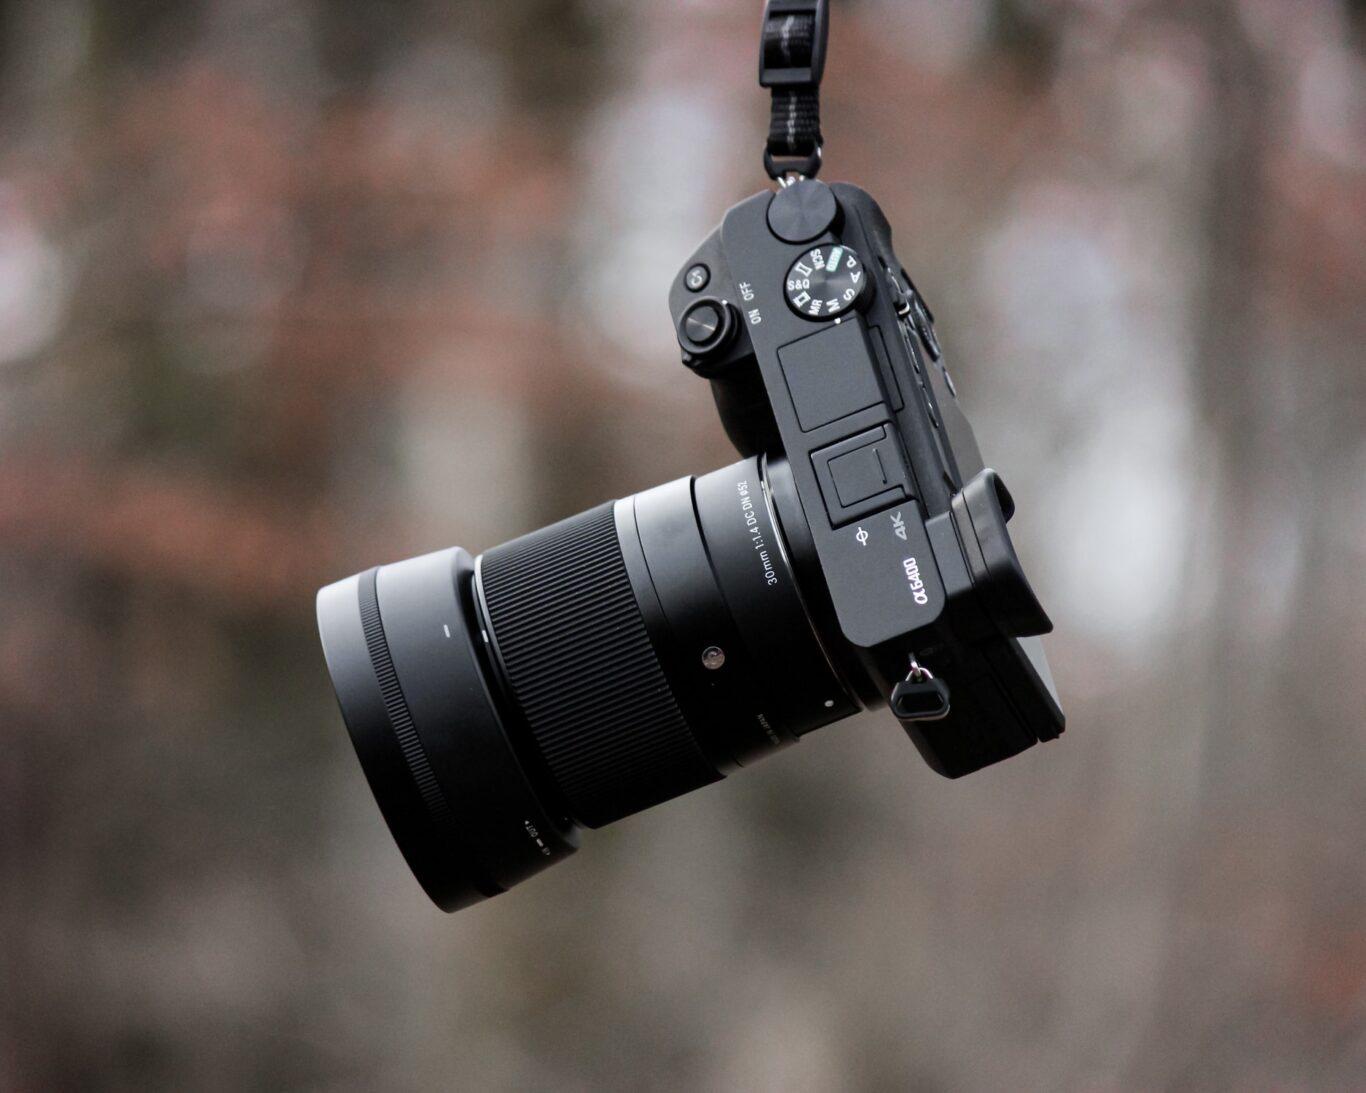 βρήκατε καμεραμαν για τον γάμο;